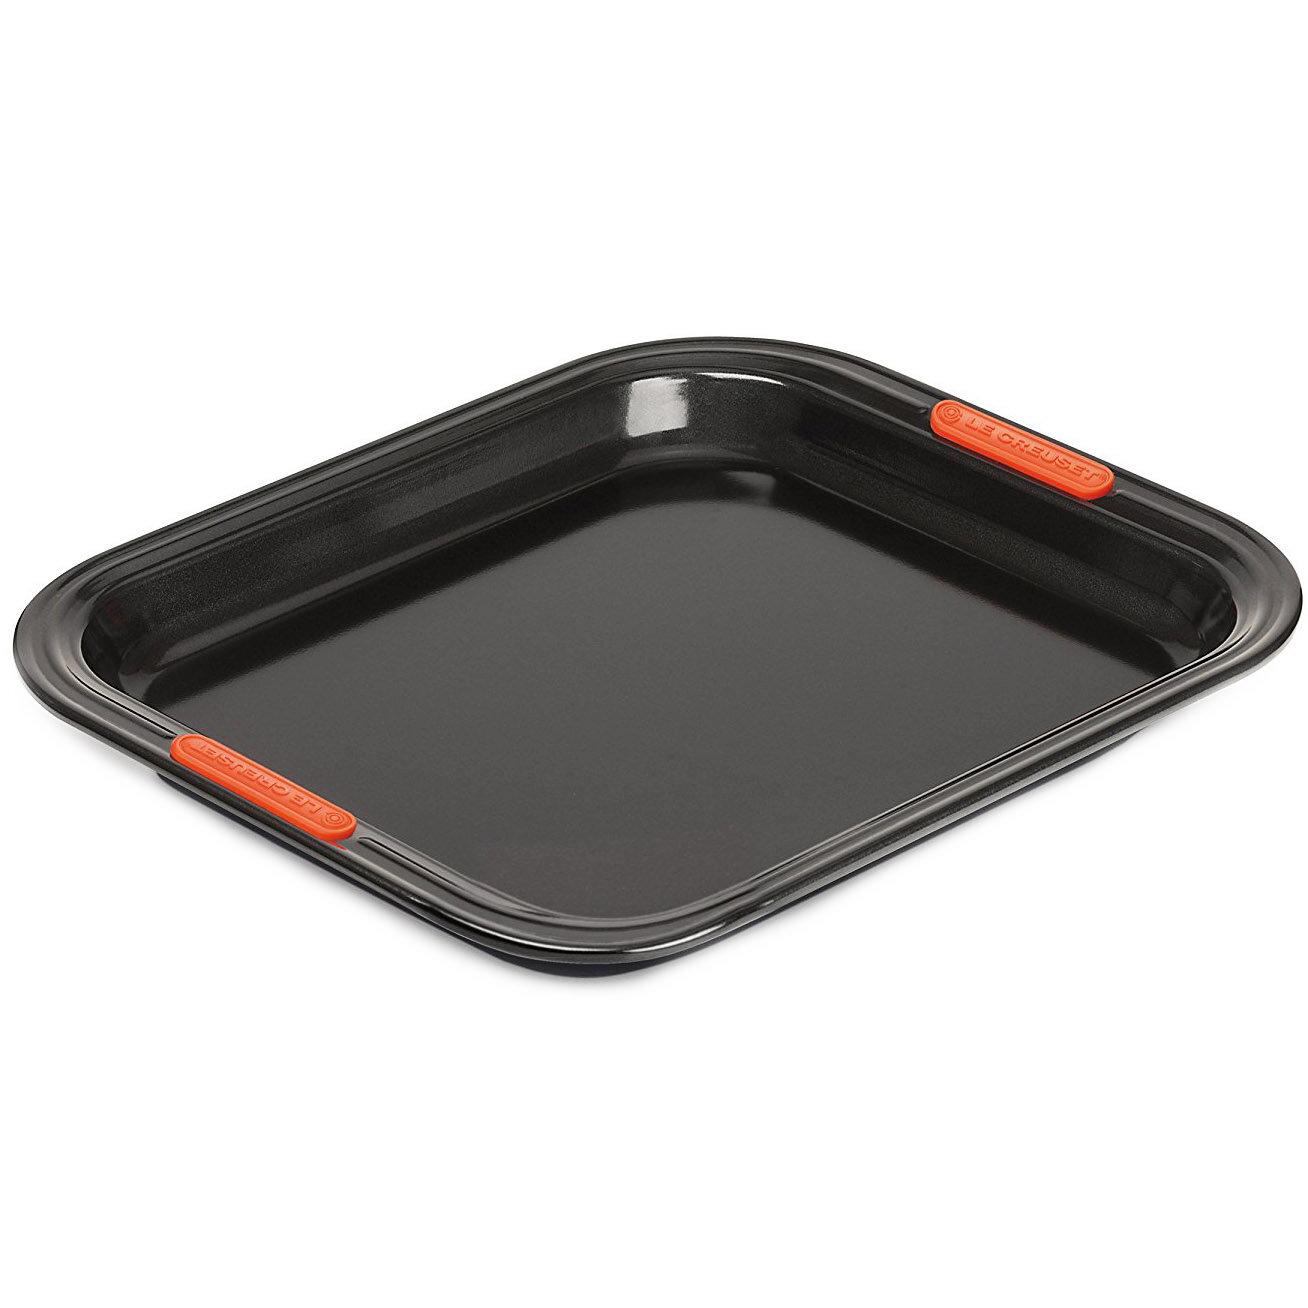 противни для запекания и выпечки Le Creuset Алюминиевый противень с антипригарным покрытием, 31 х 28 см, черный